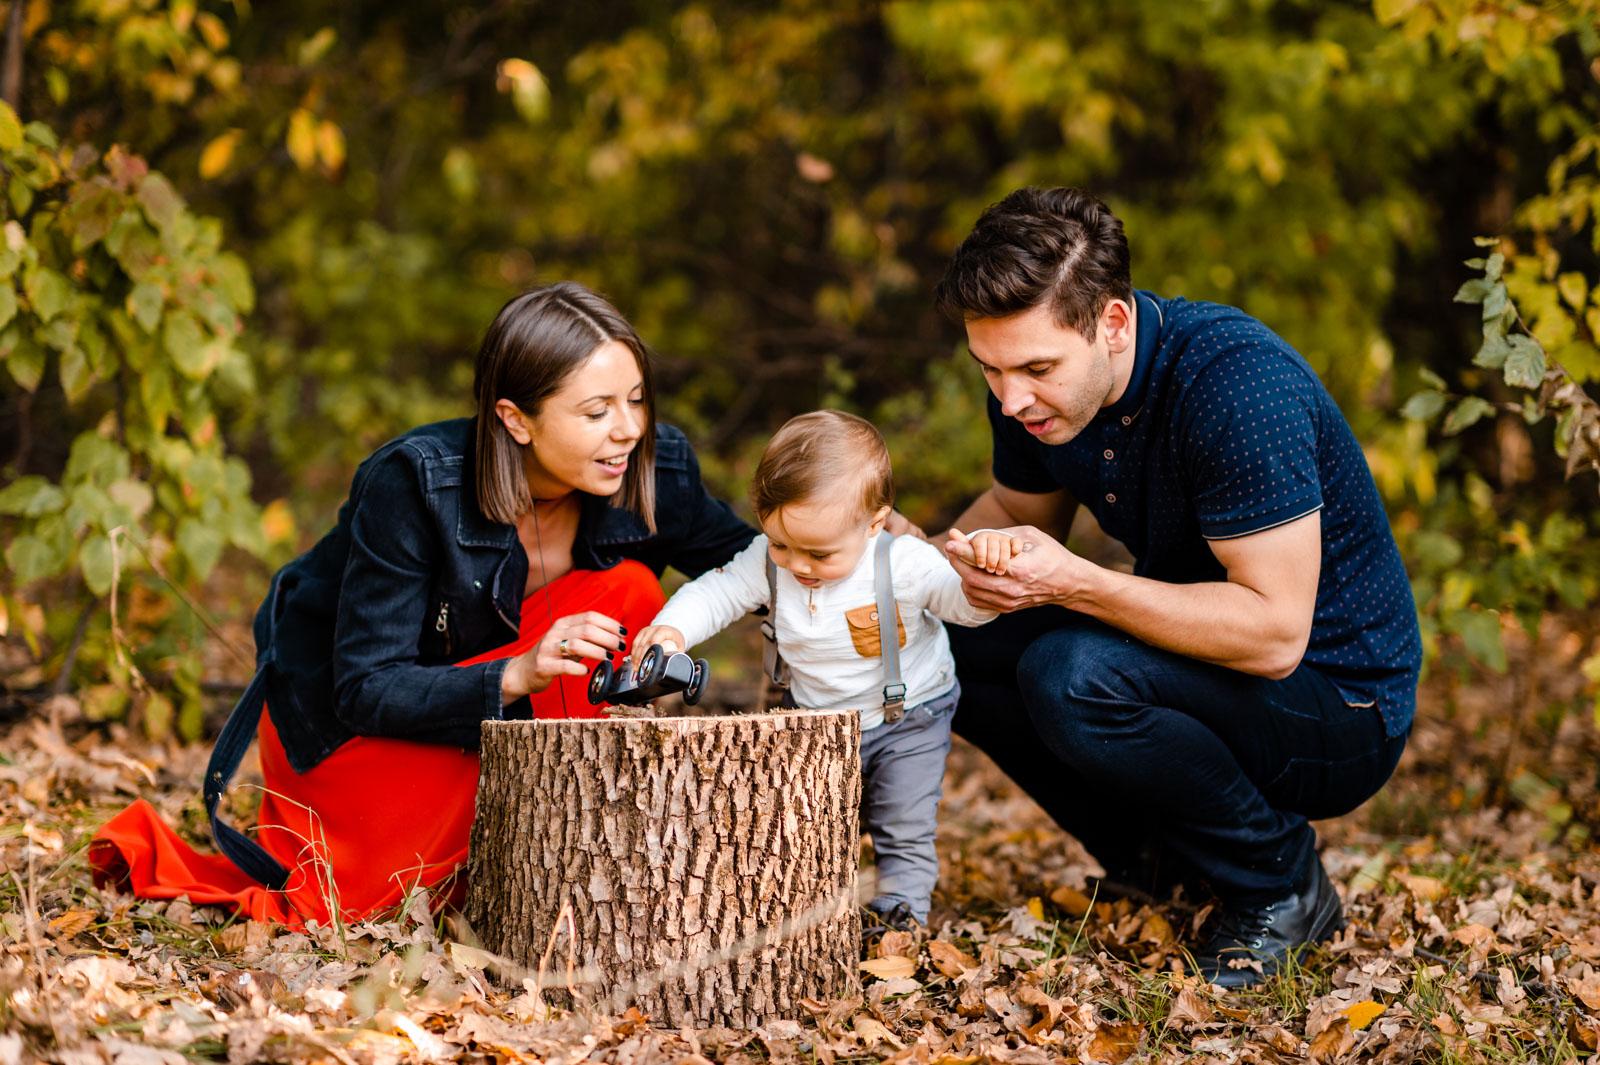 Sedinta foto de familie Bucuresti fotograf Dana Sacalov